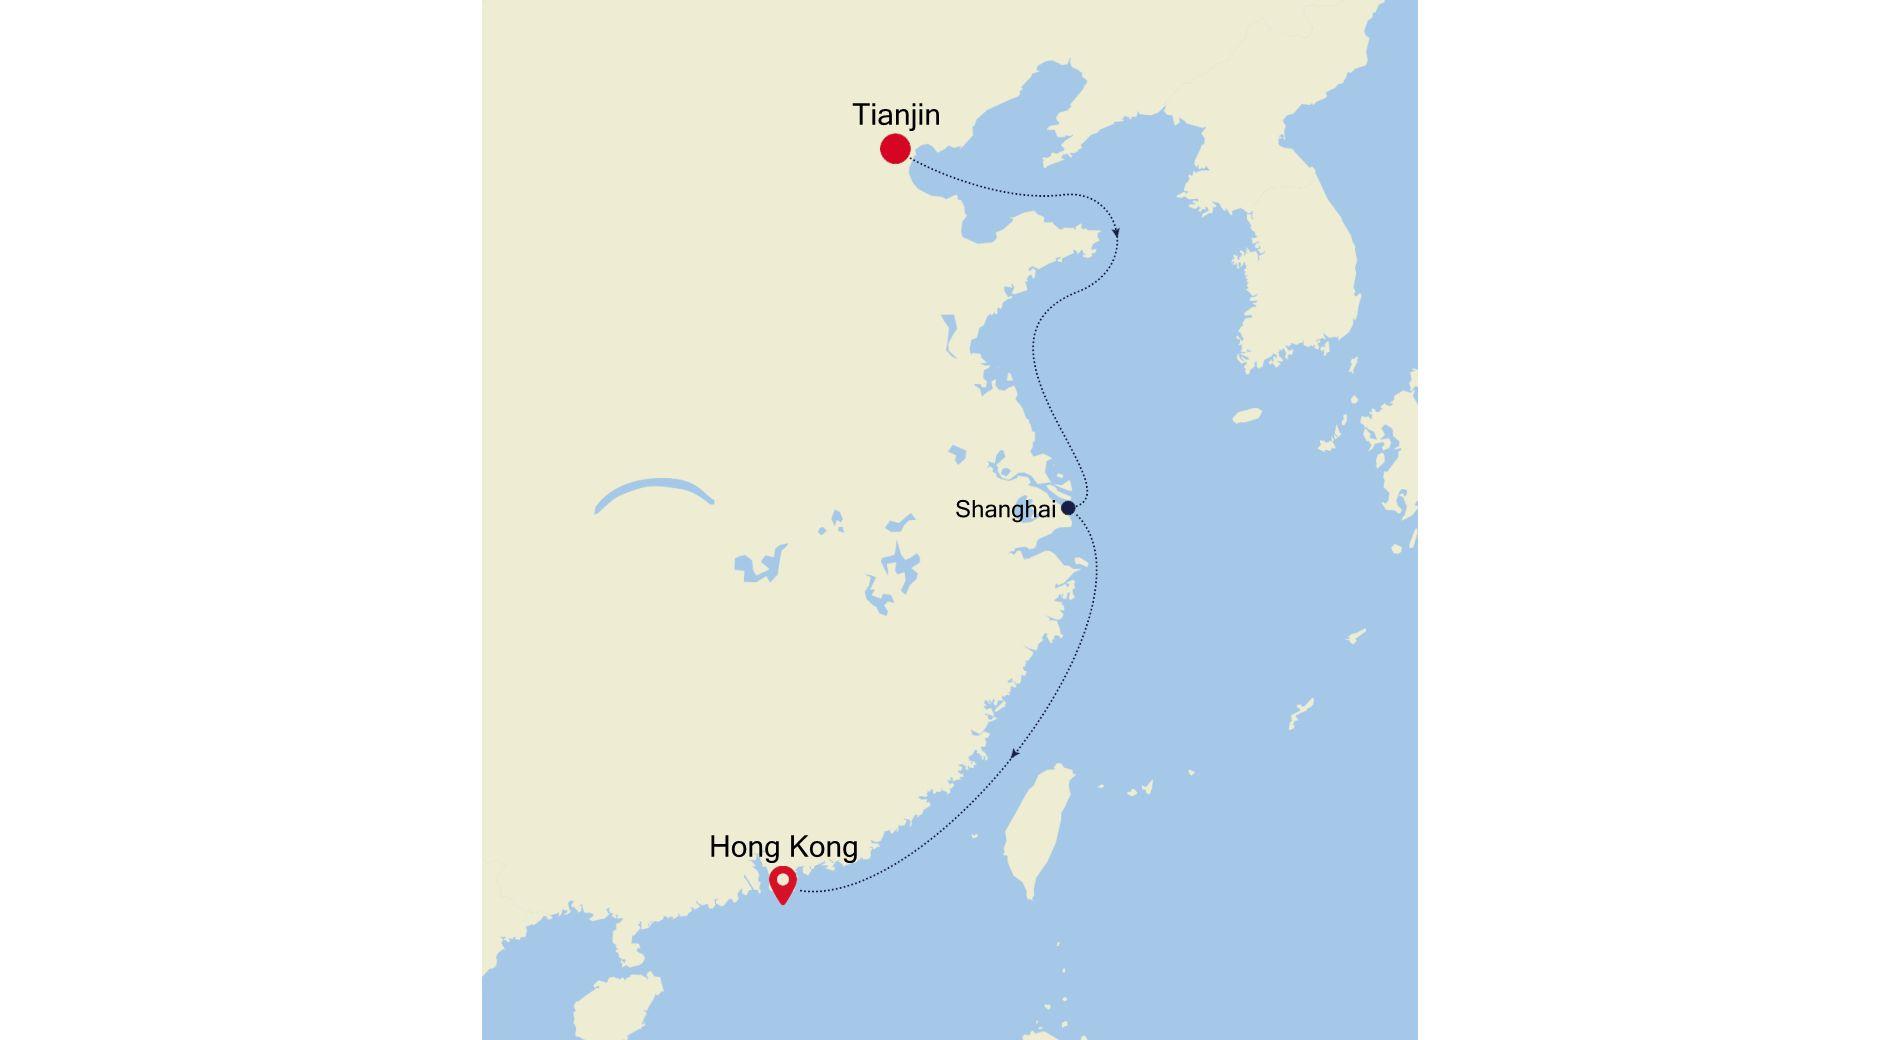 6928B - Tianjin nach Hong Kong